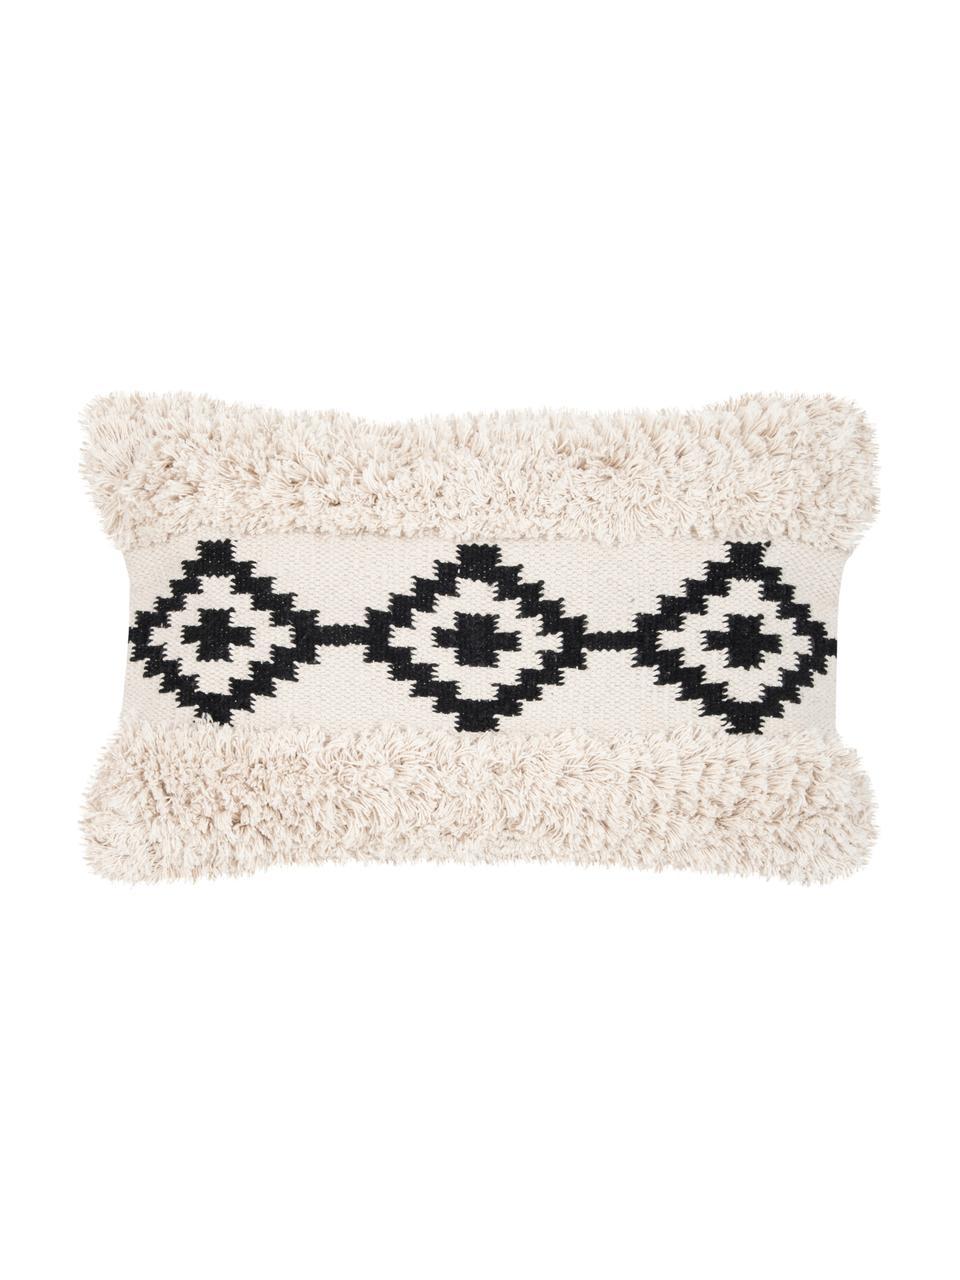 Poszewka na poduszkę boho Taima, 100% bawełna, Ecru, czarny, S 30 x D 50 cm